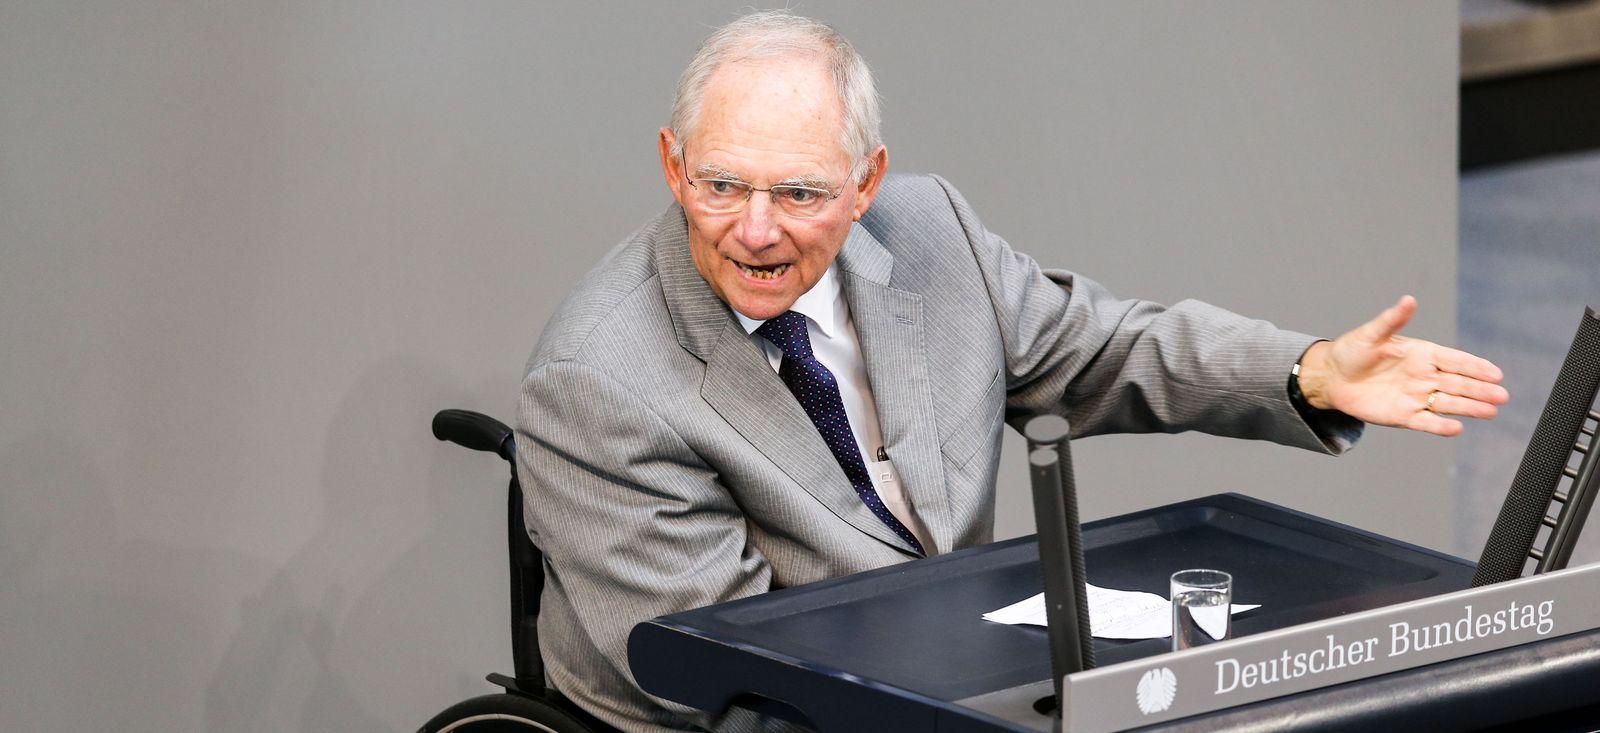 Bundestag Schäuble